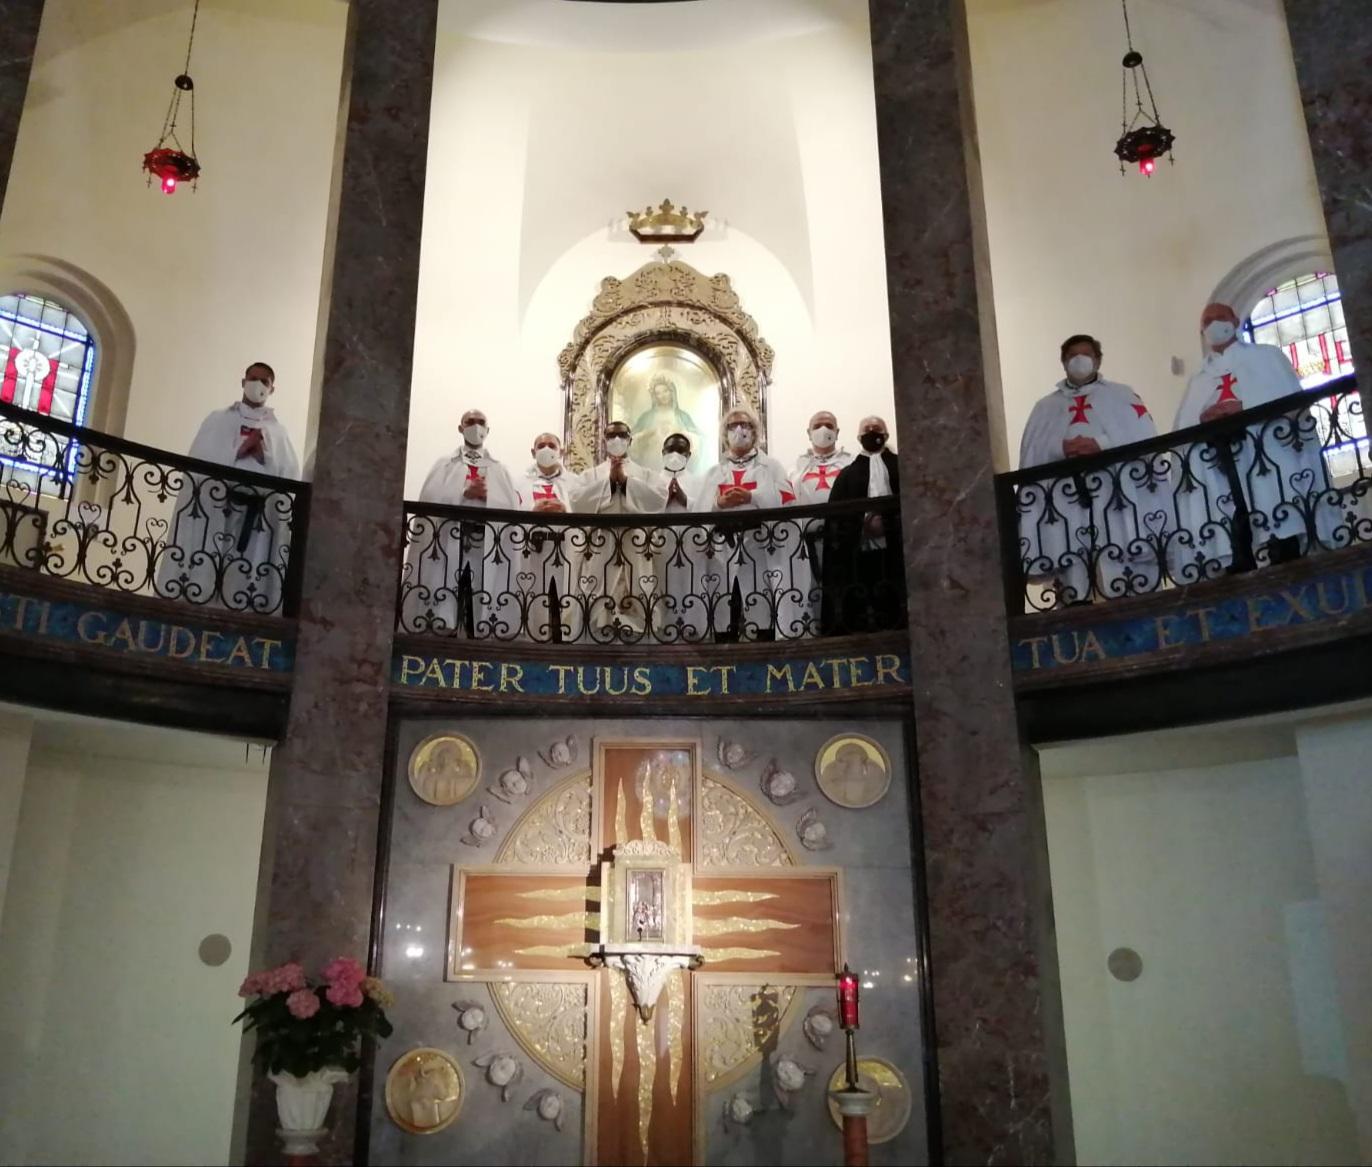 Turno di custodia Chiesa della Sacra Famiglia a Ferrara 02.05.2021